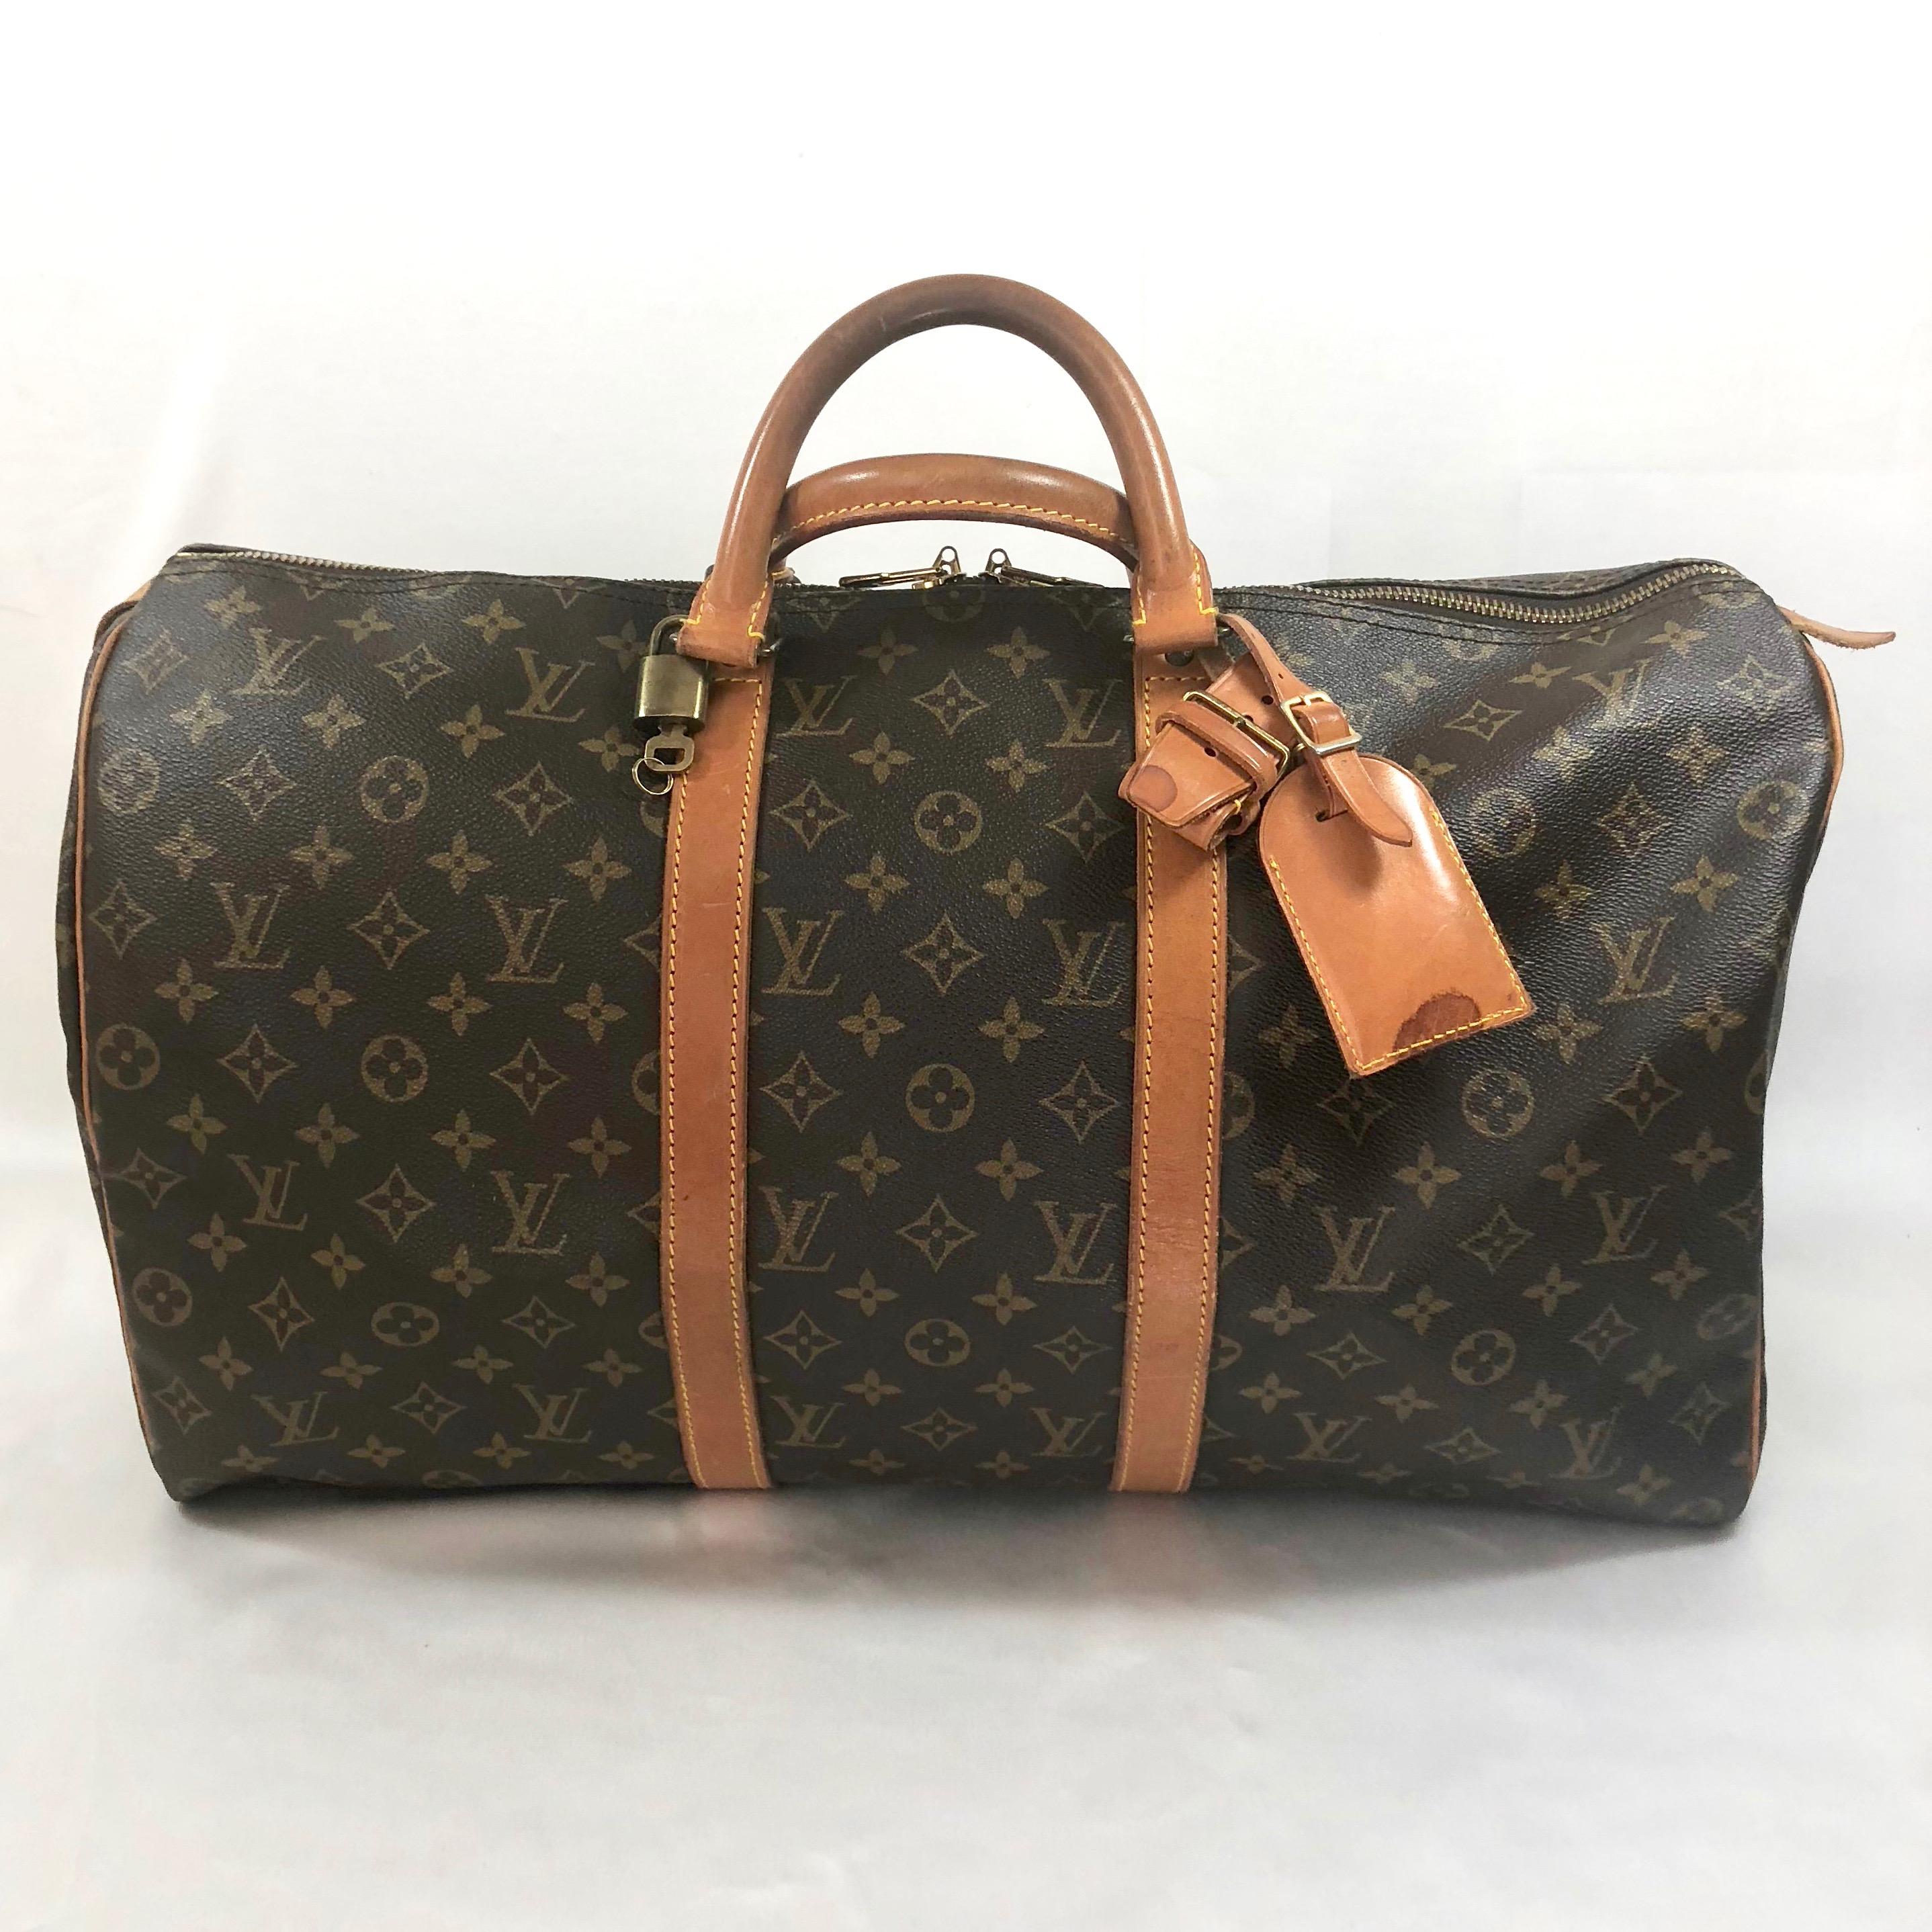 906c02cab Louis Vuitton Keepall 55 - Still in fashion